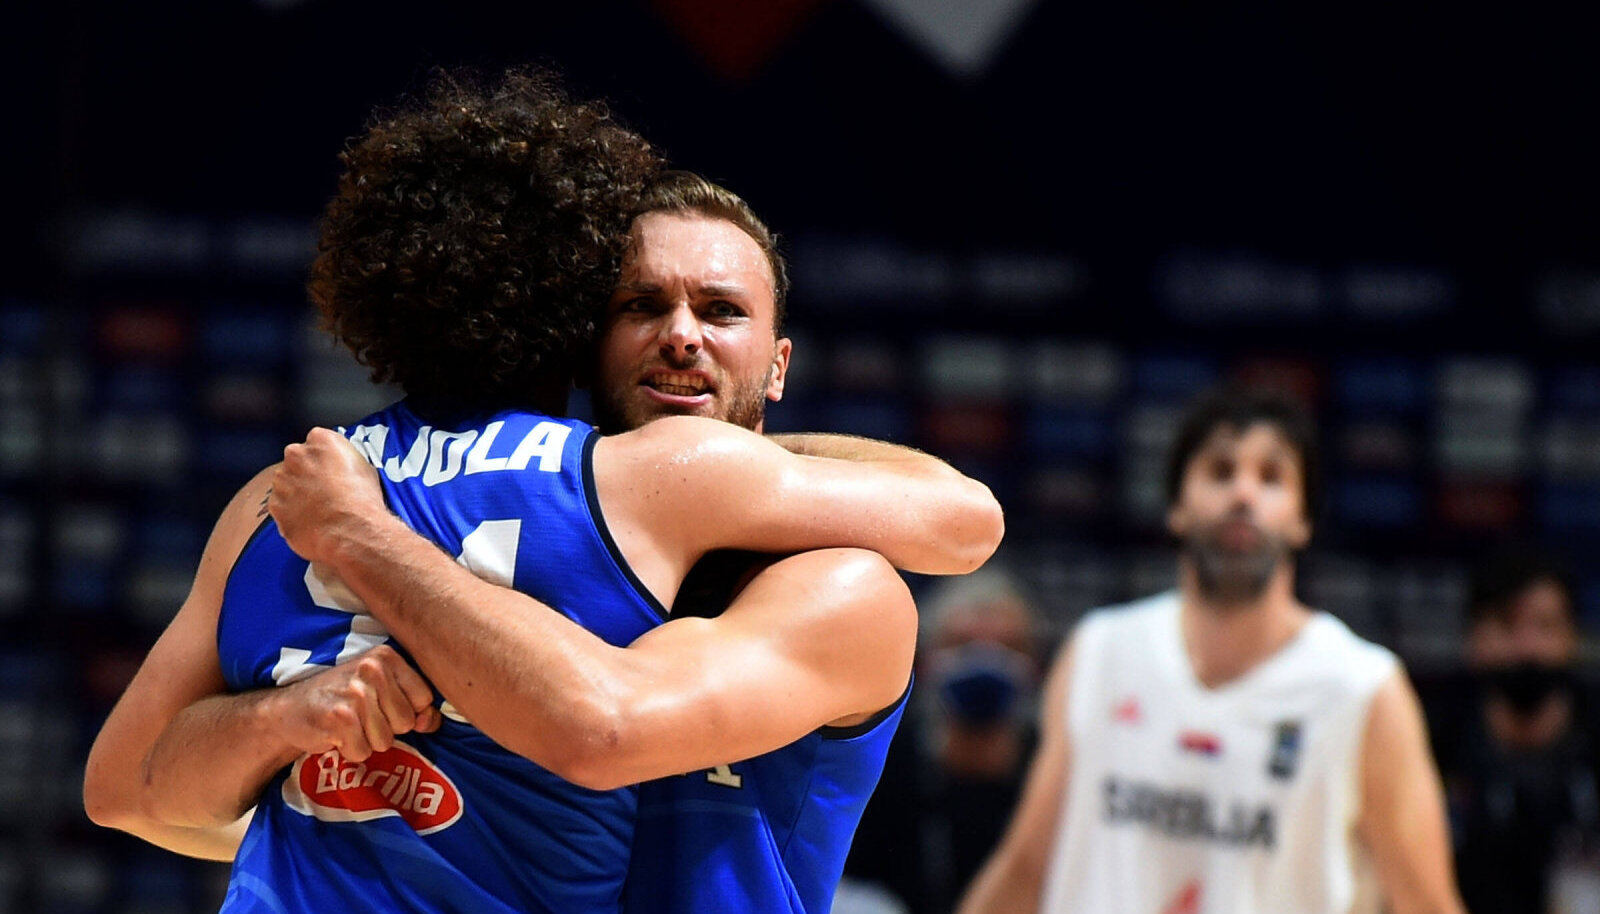 Itaalia kindlustas koha Tokyo olümpia korvpalliturniirile.